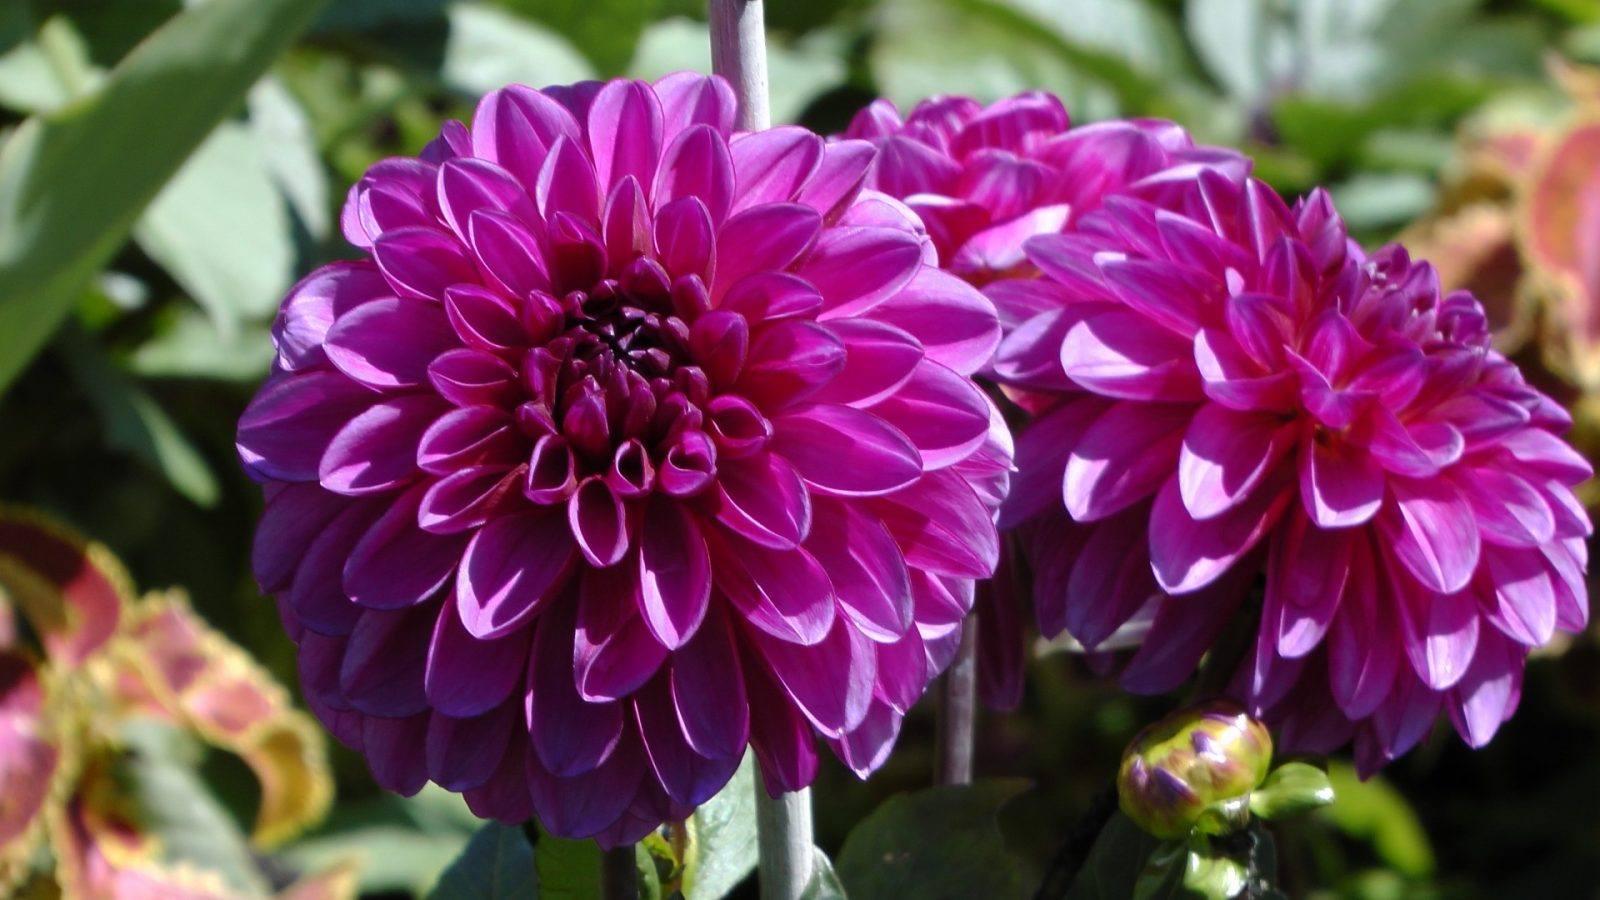 flores-moradas.jpg